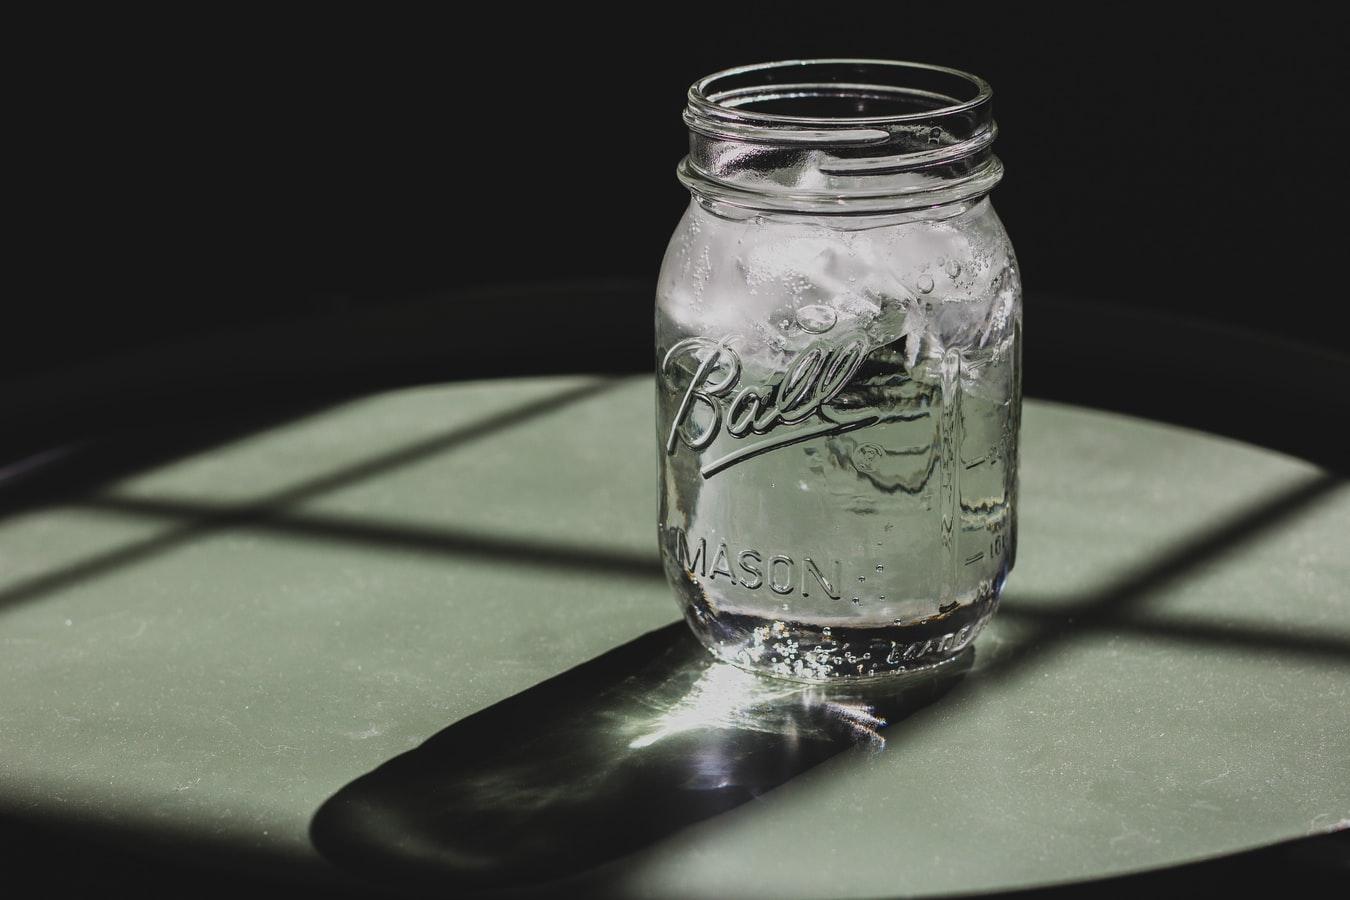 طريقة استخدام ماء القمر في روتينك للعناية بالبشرة